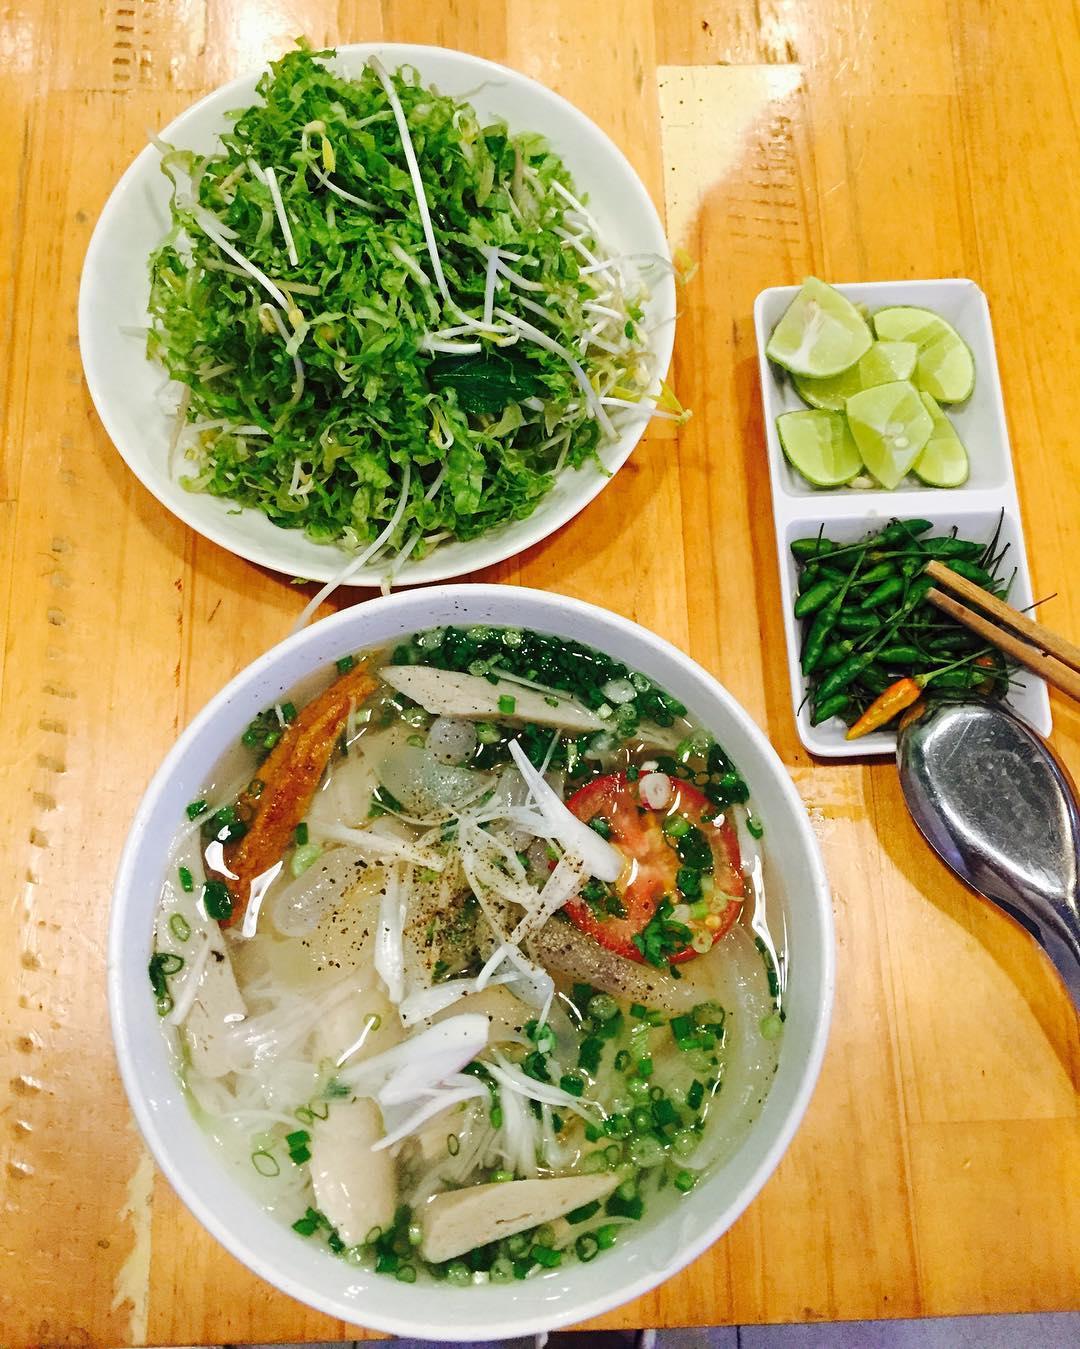 Top 12 quán ăn ngon ở Nha Trang 2020 'mê hoặc' du khách - Ảnh 1.